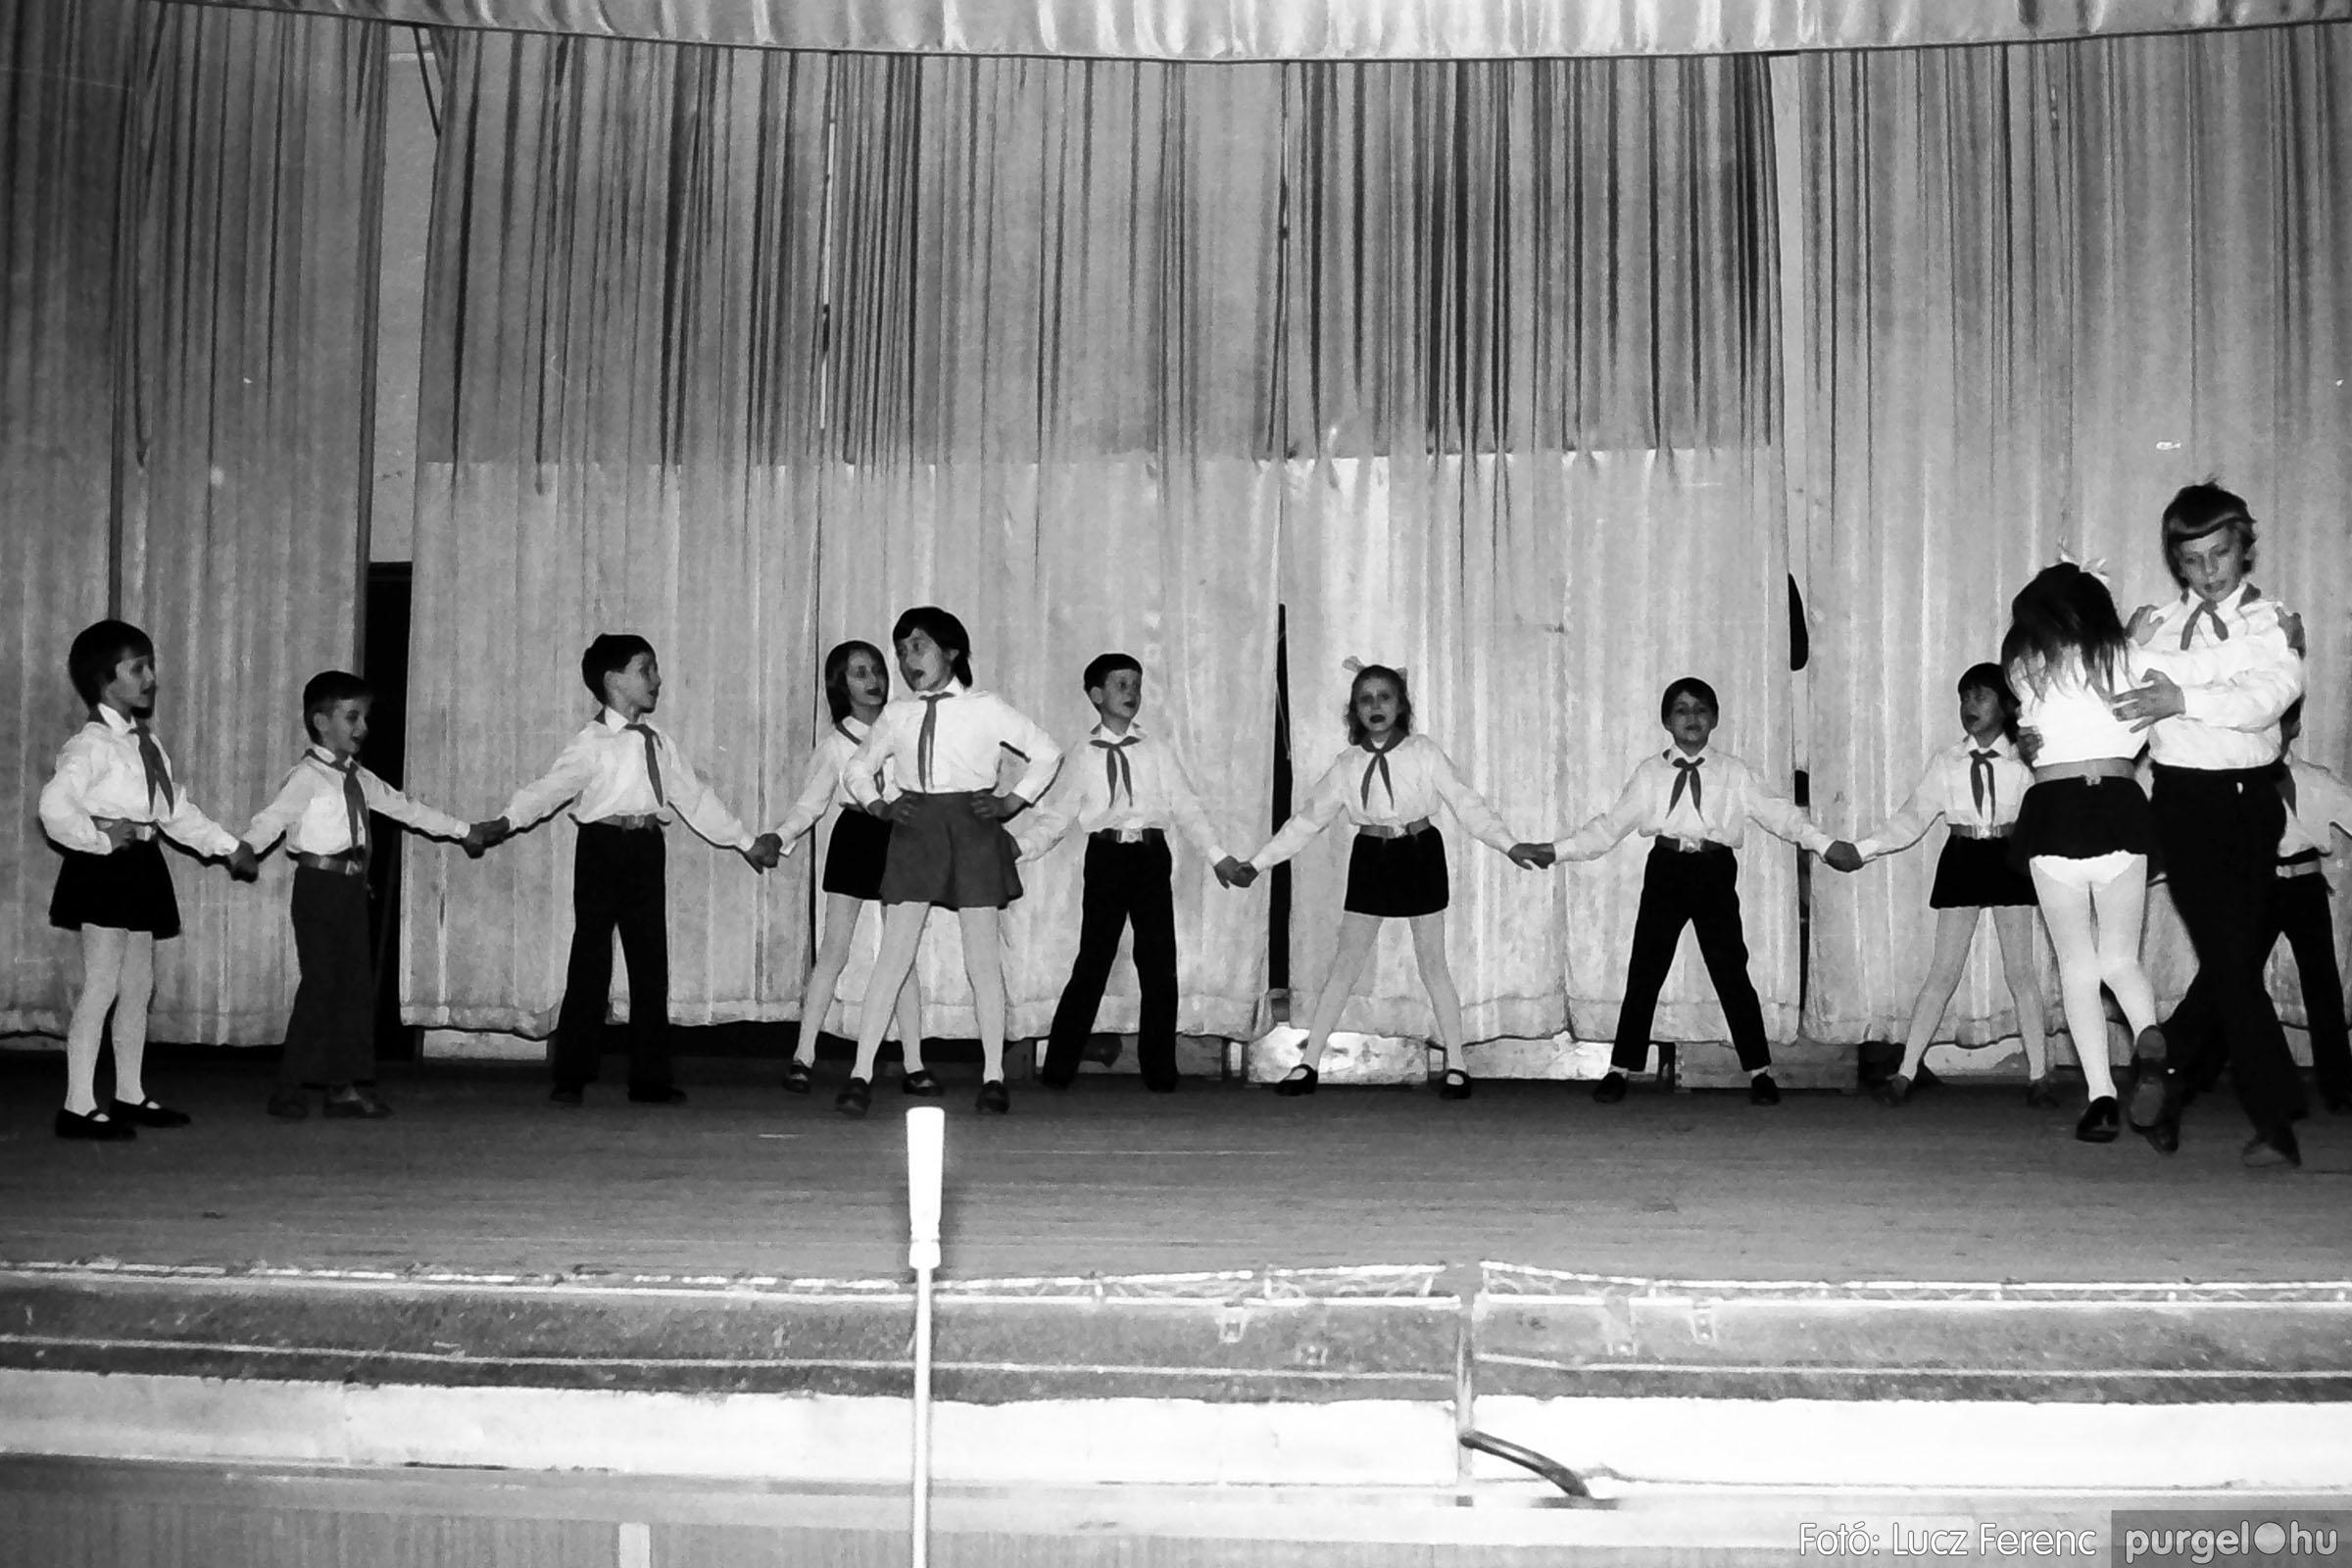 033. 1976. Diákrendezvény a kultúrházban 006 - Fotó: Lucz Ferenc.jpg